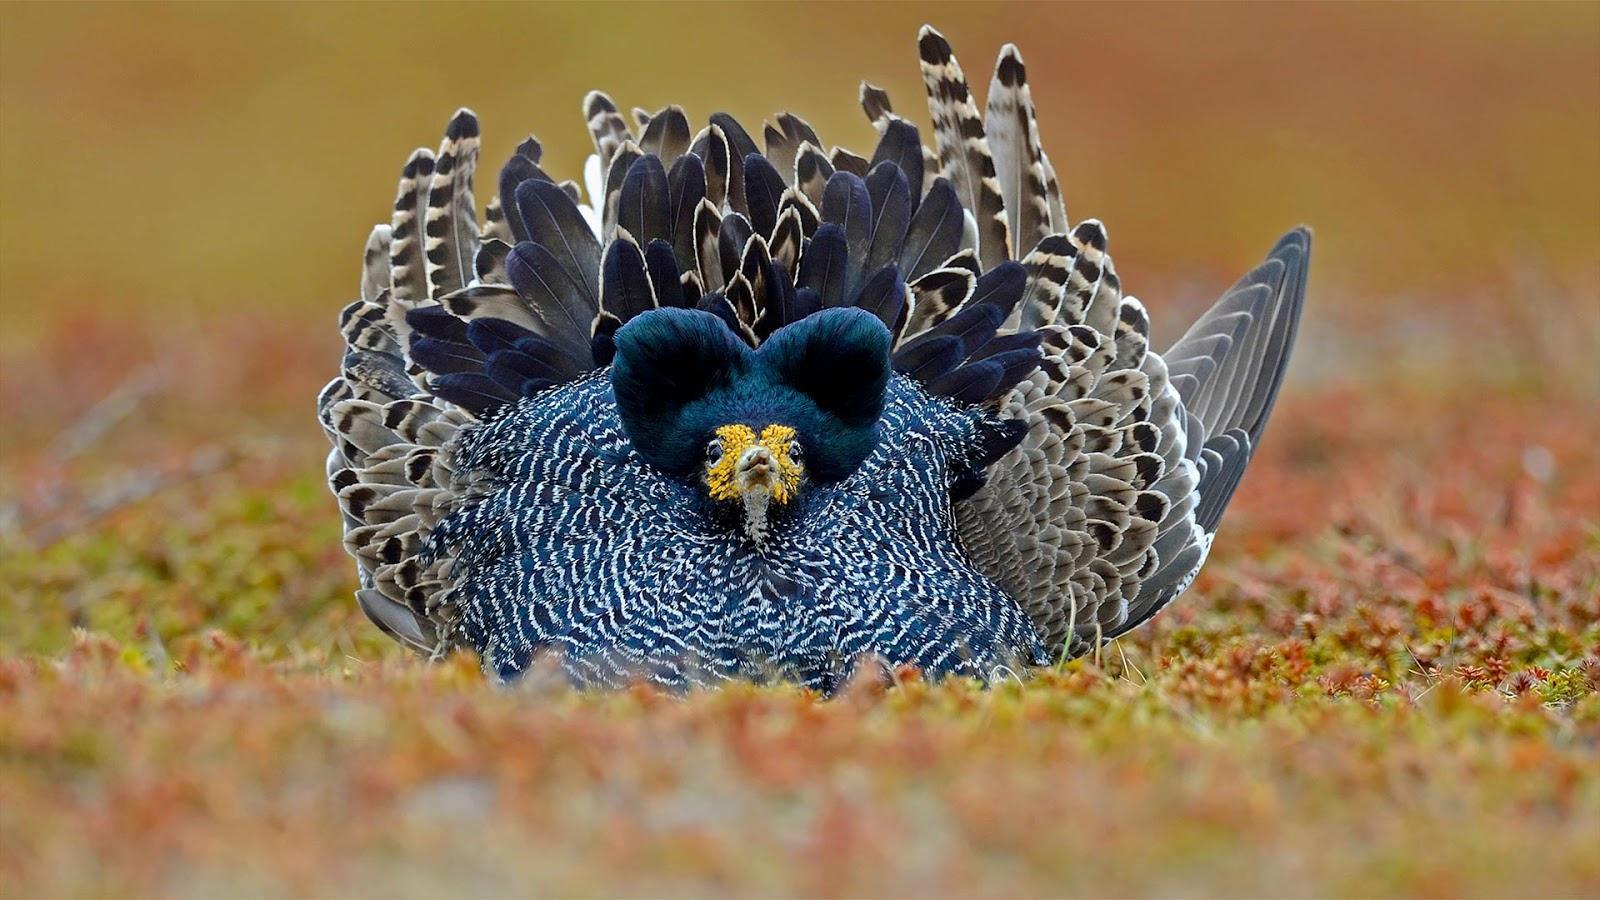 Ruff male displaying its plumage, Varanger Peninsula, Norway © Winfried Wisniewski/Minden Pictures